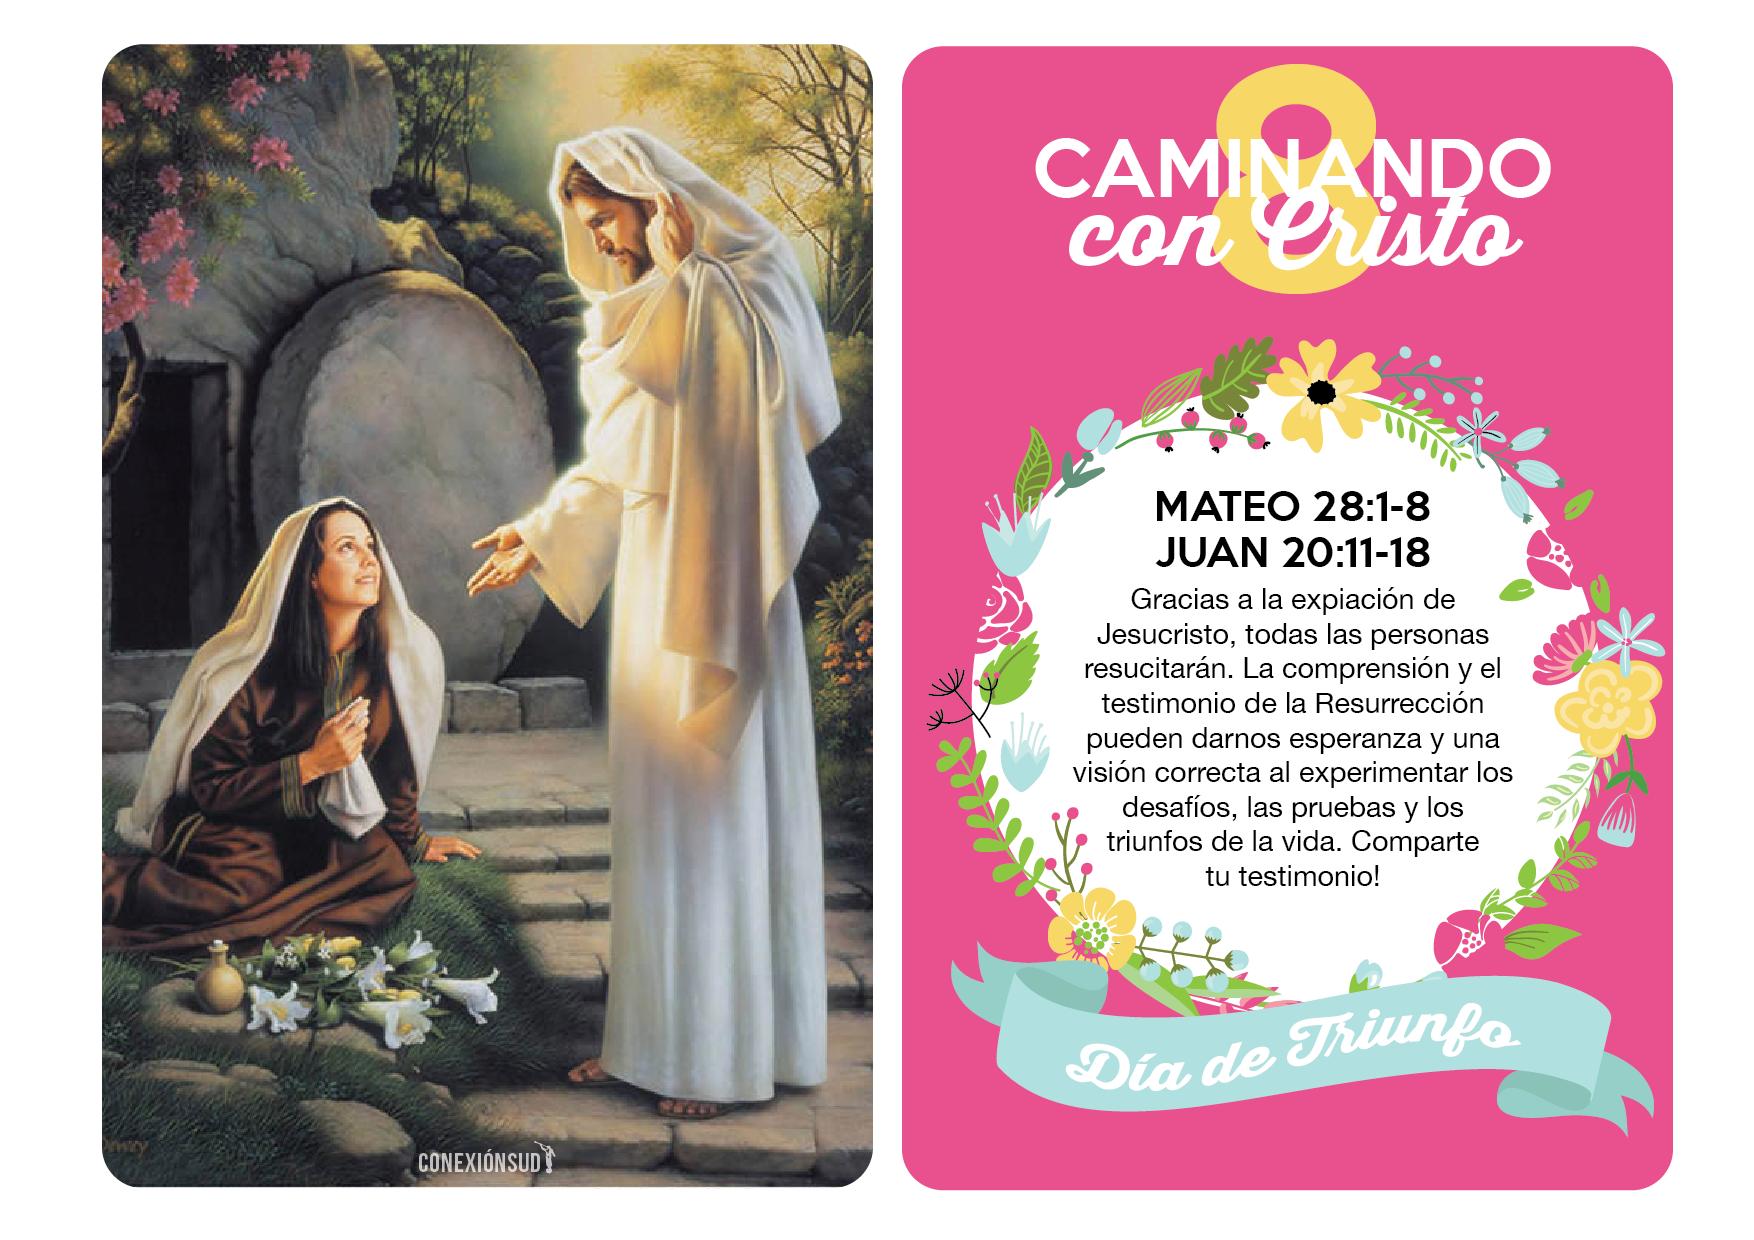 Caminando con Cristo - Lección de Pascua de Resurrección - Conexión SUD